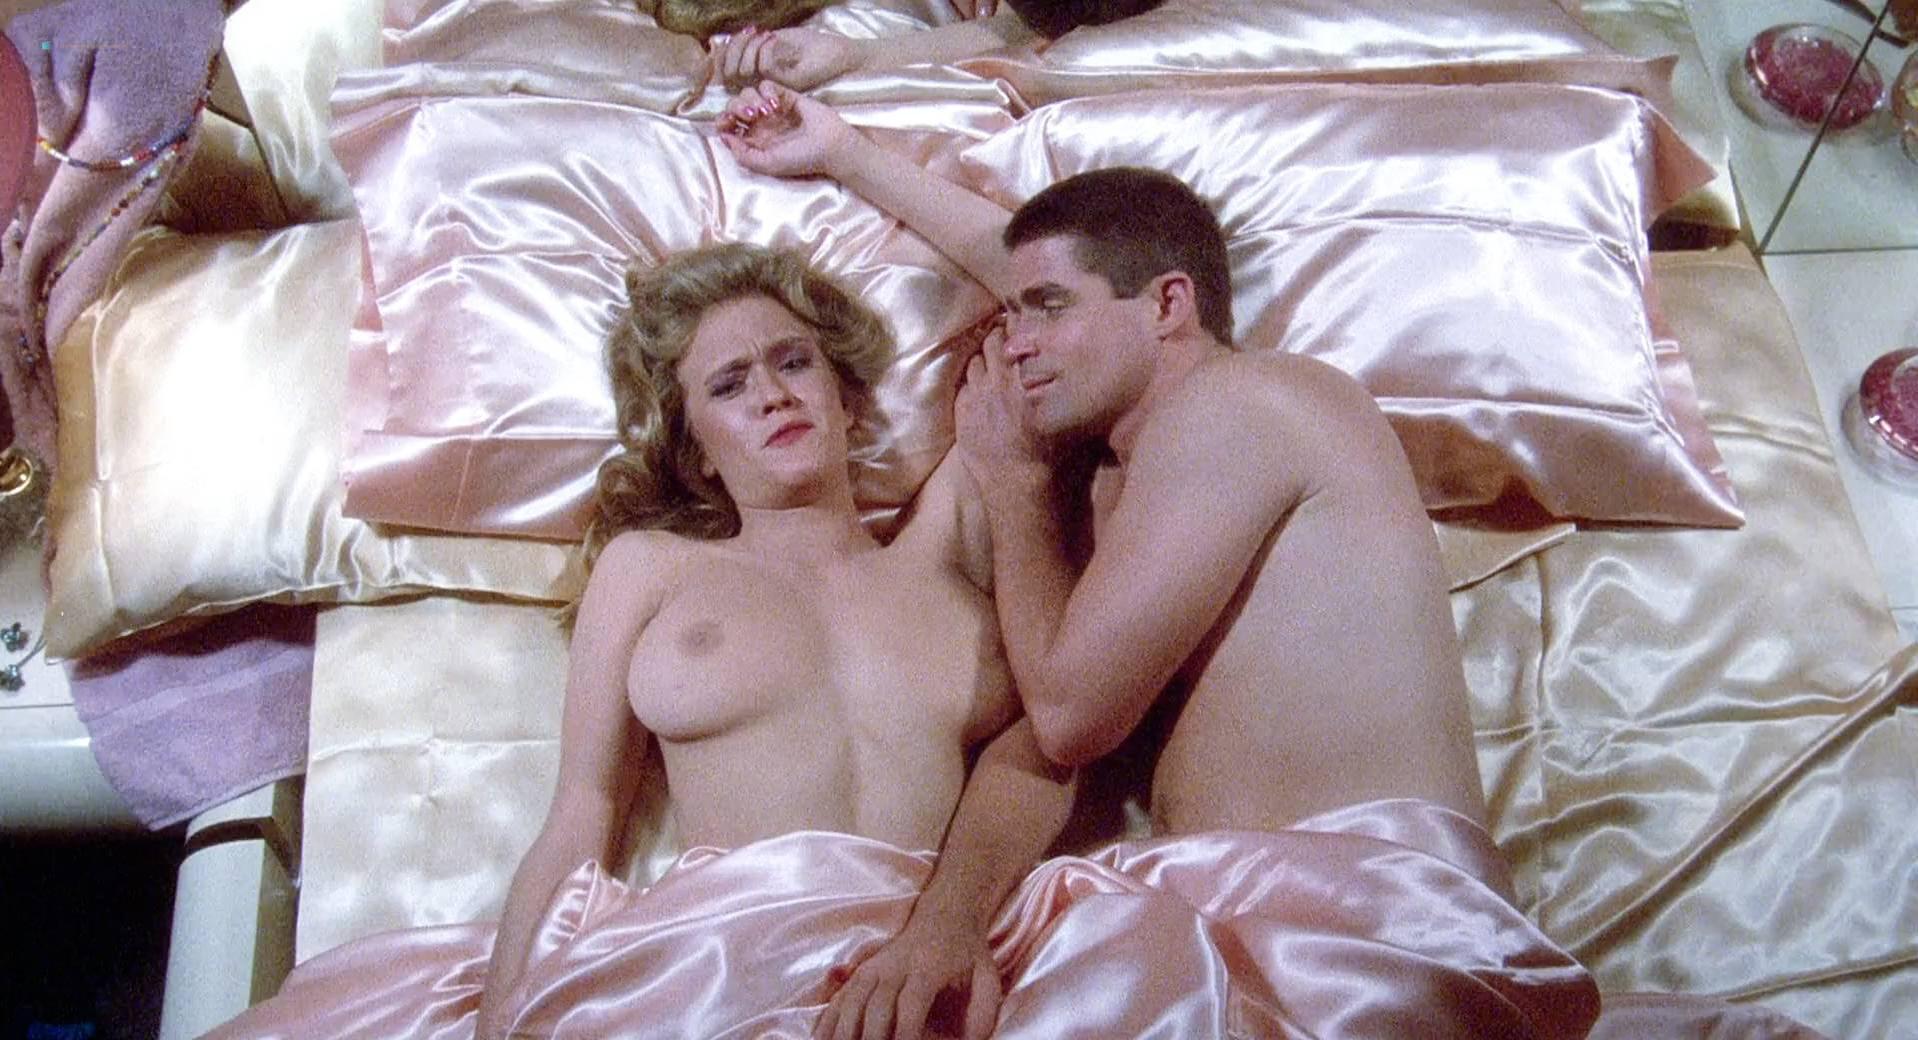 Helen Shaver Naked 40